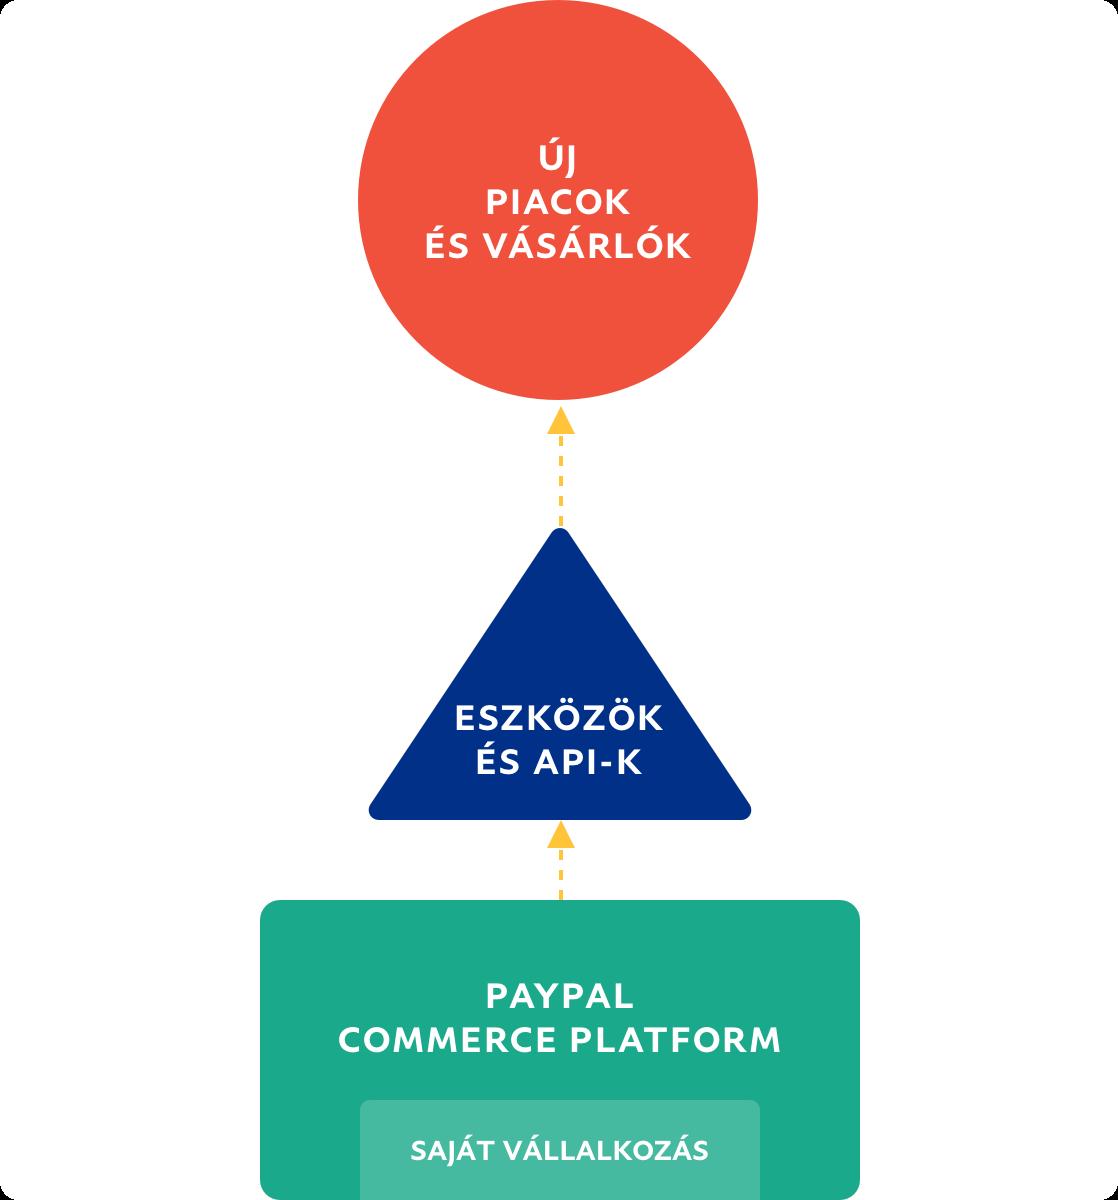 Folyamatábra, amely a vállalkozás új piacok és vásárlók felé áramlását mutatja.